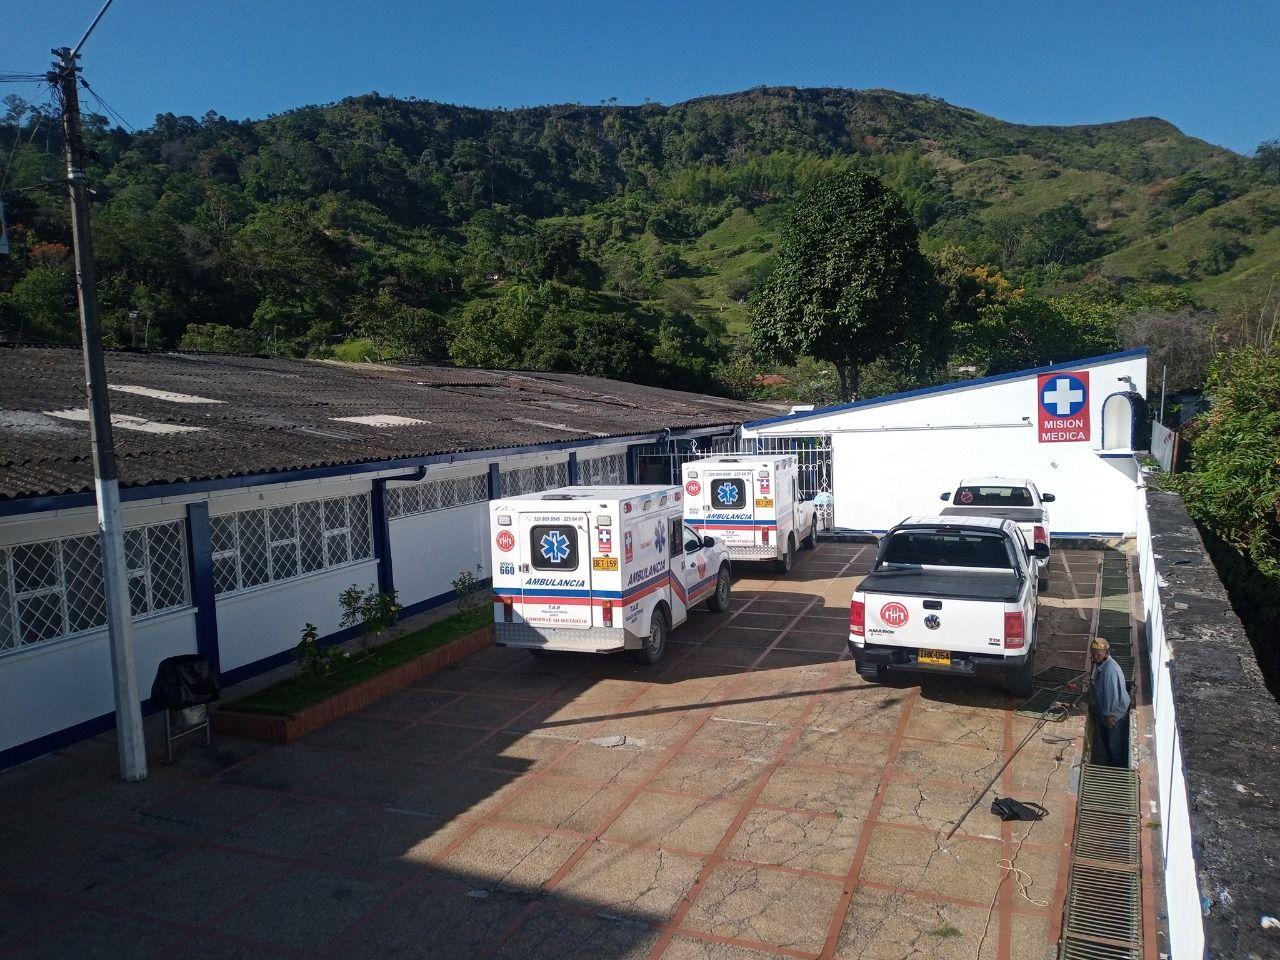 Aprobado proyecto por $11 mil millones para remodelación del hospital María Inmaculada de Rioblanco